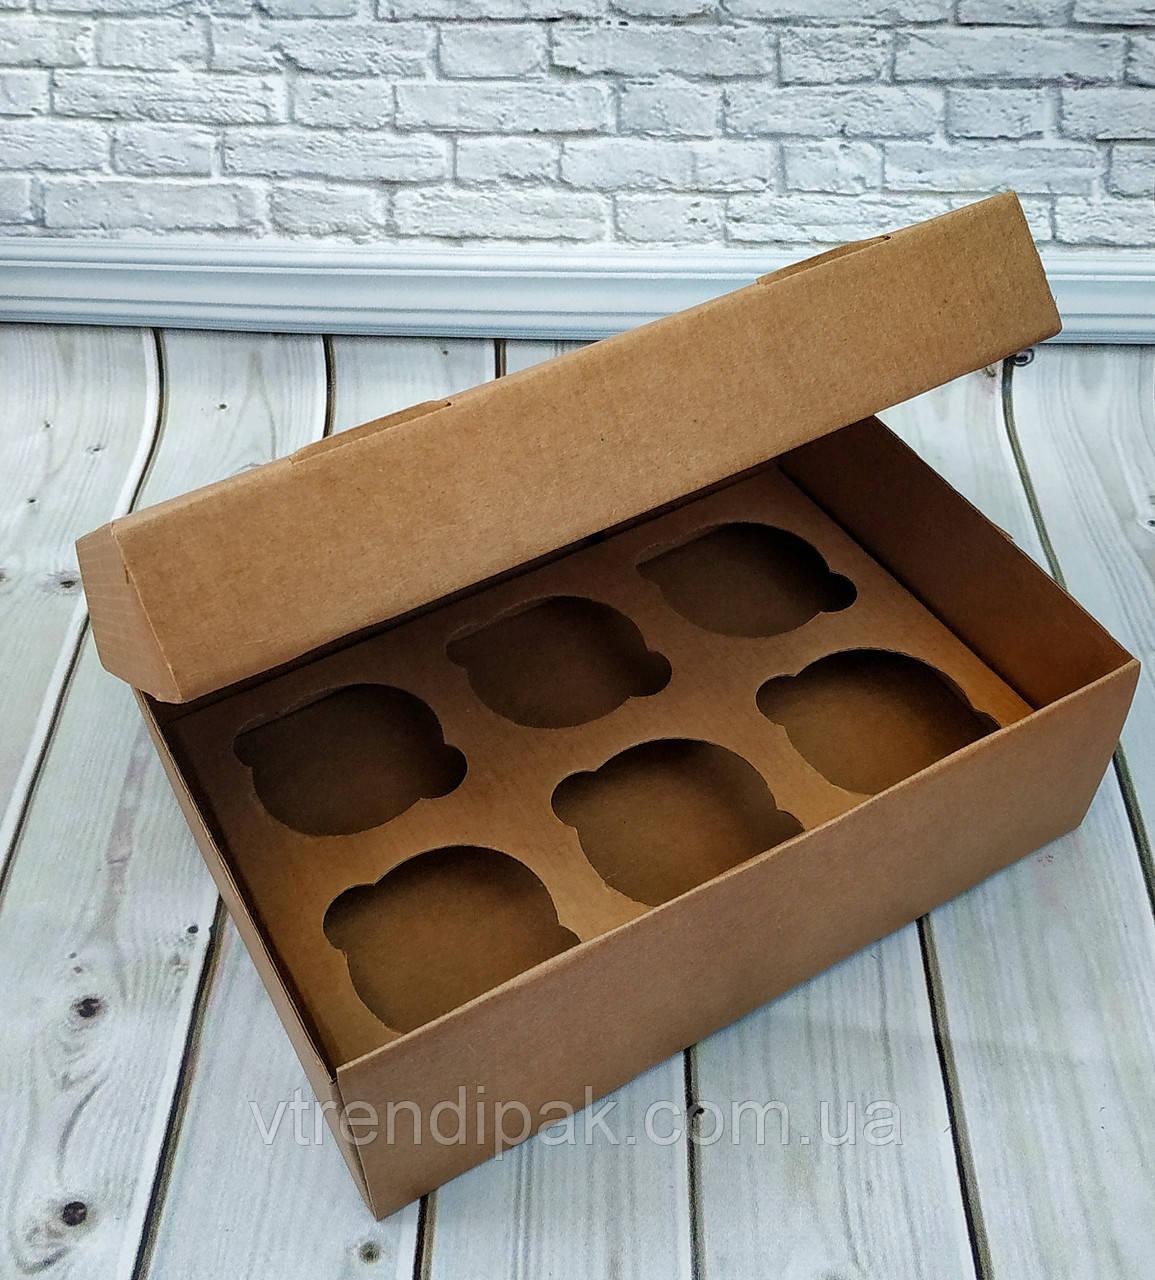 Коробка для 6 кексів, мафінів, капкейків 250*170*80 Крафт